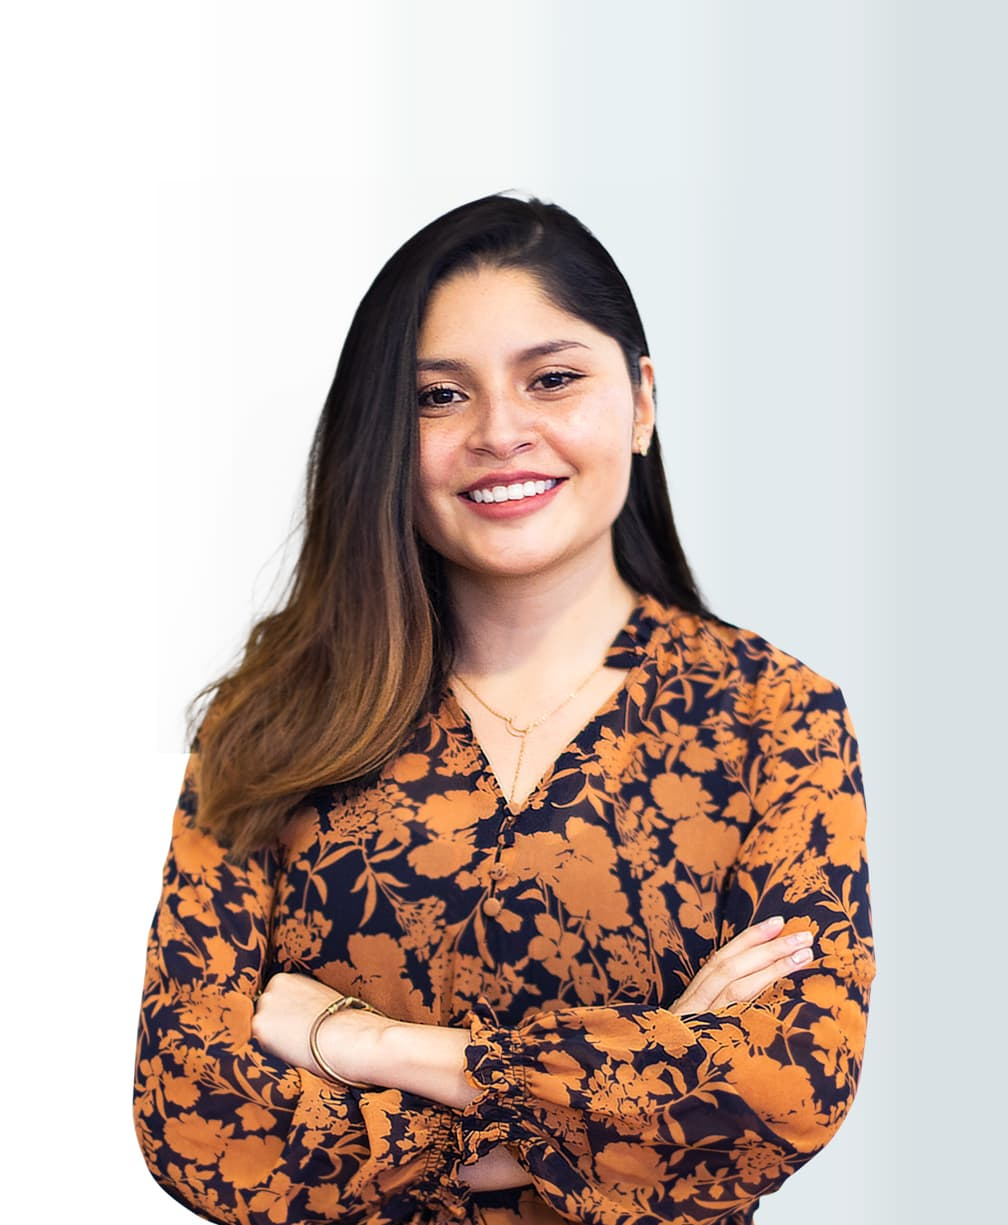 Ana Villagomez Headshot